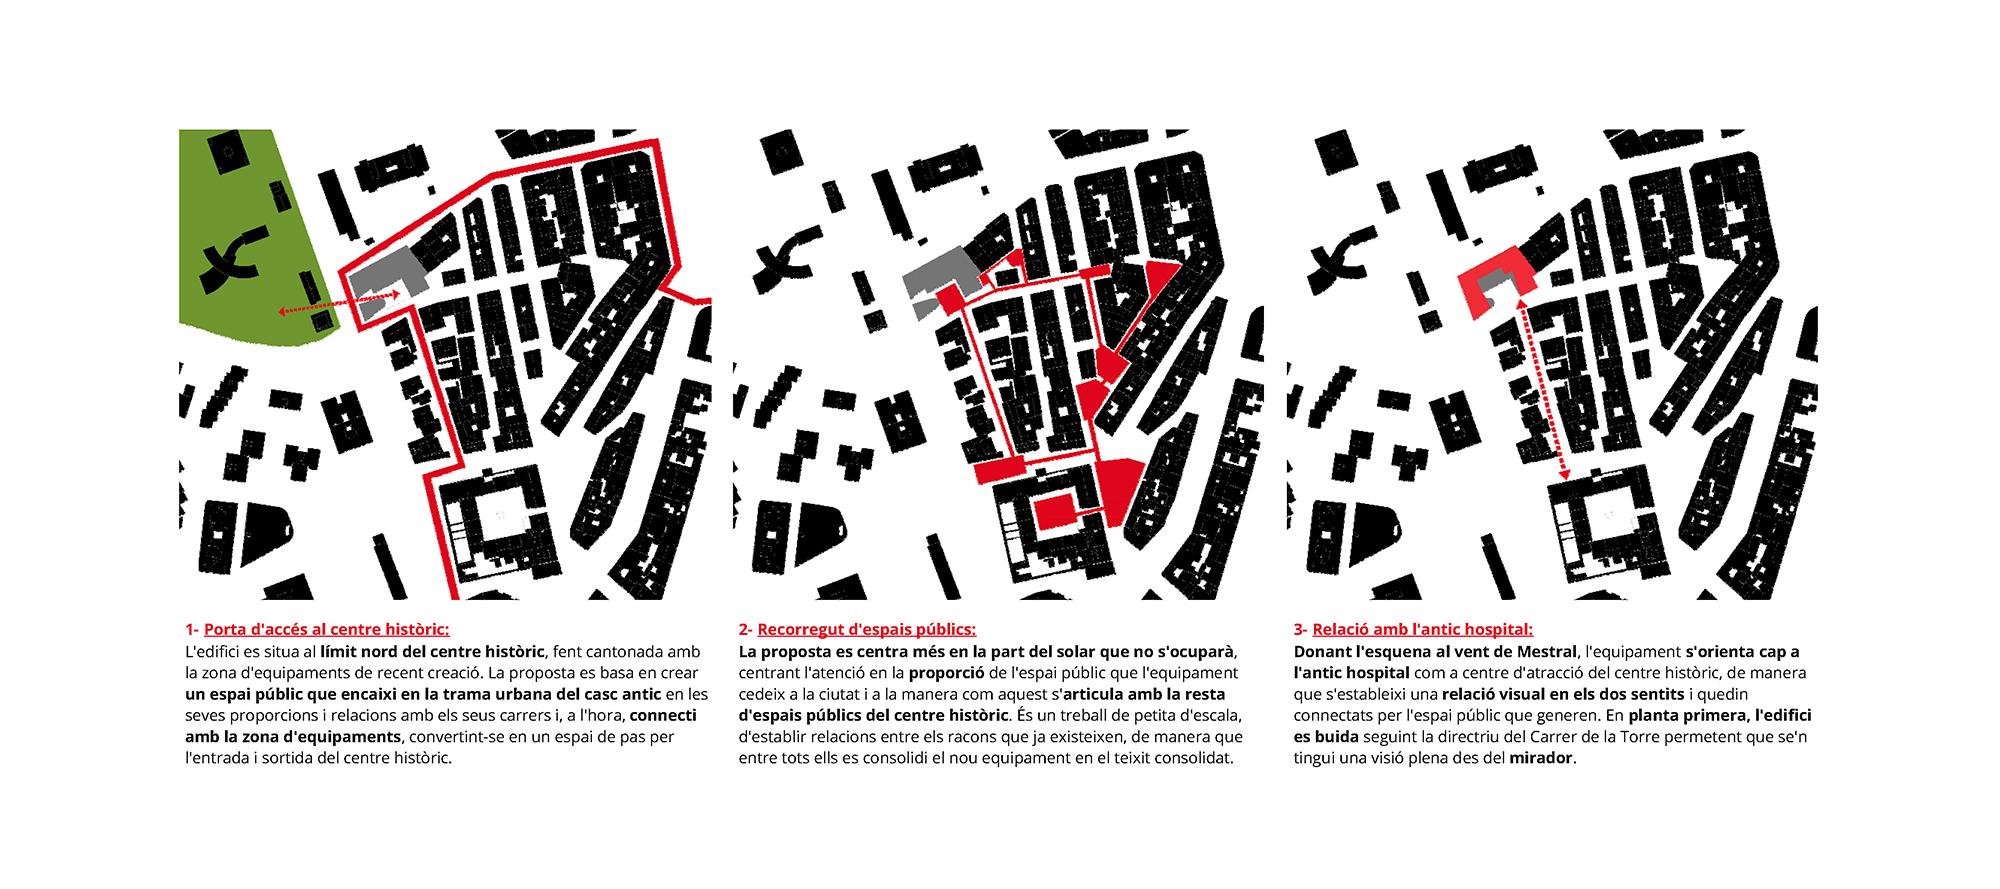 Fem arquitectura equipament per mitjans entitats i joves - Fem arquitectura ...